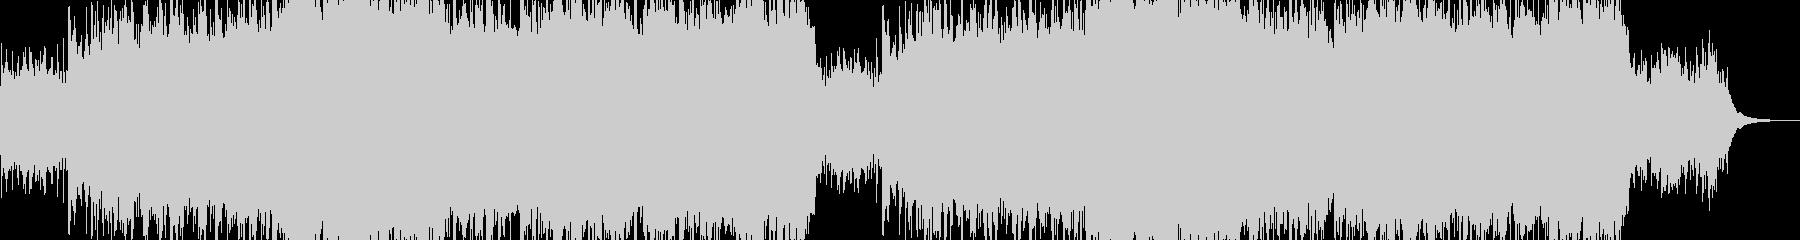 企業VP3 24bit44kHzVerの未再生の波形